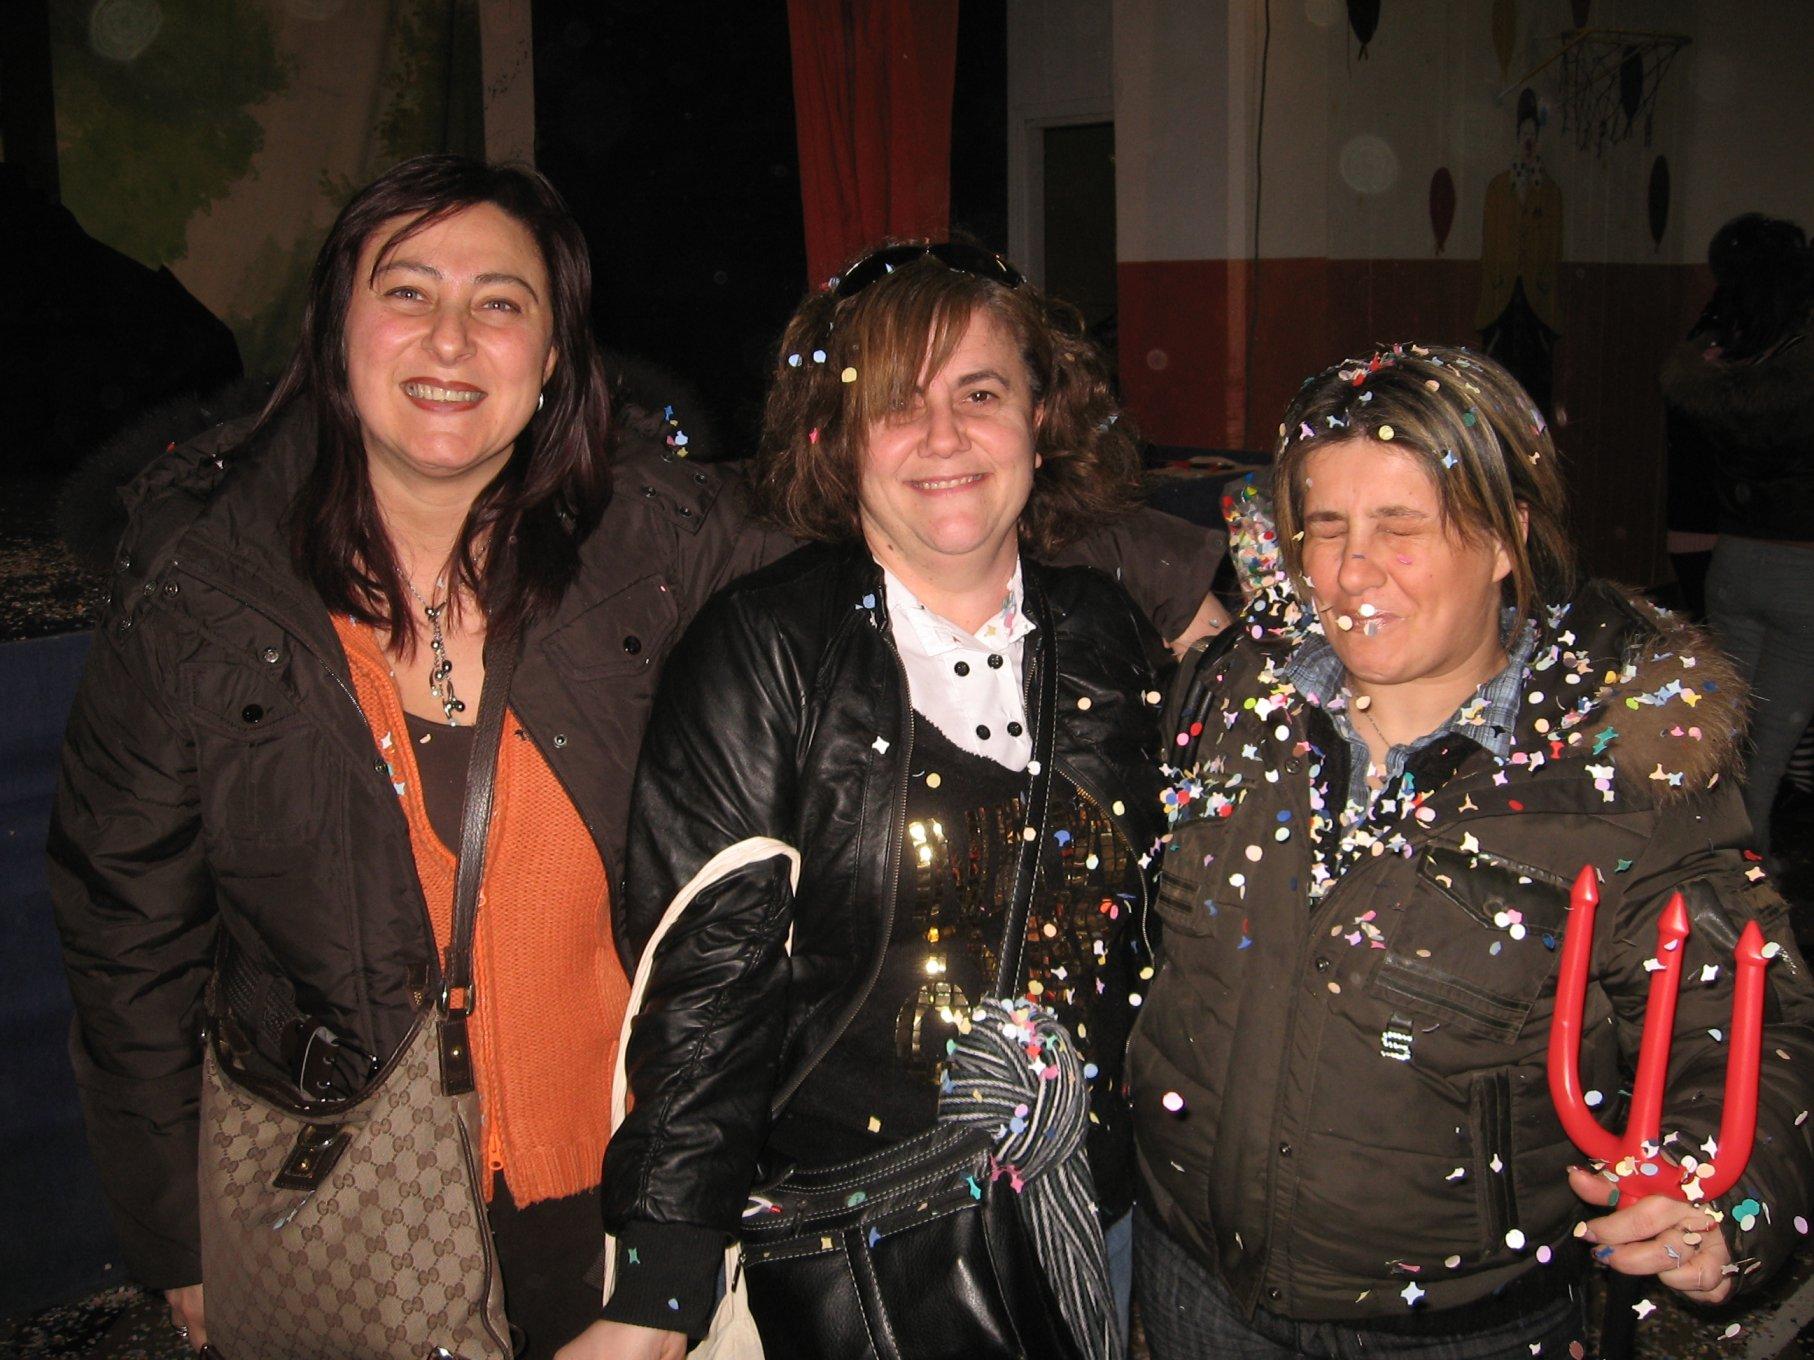 Pentolaccia-2009-02-22--16.19.11.jpg